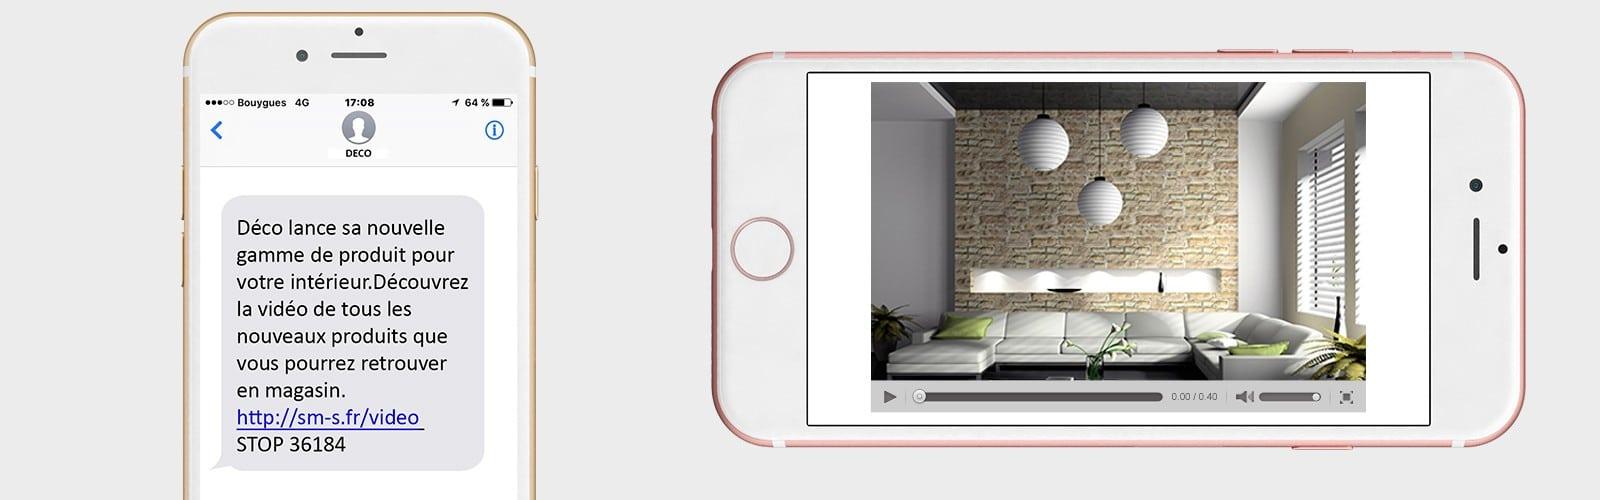 Comment intégrer une vidéo dans un SMS commercial ?